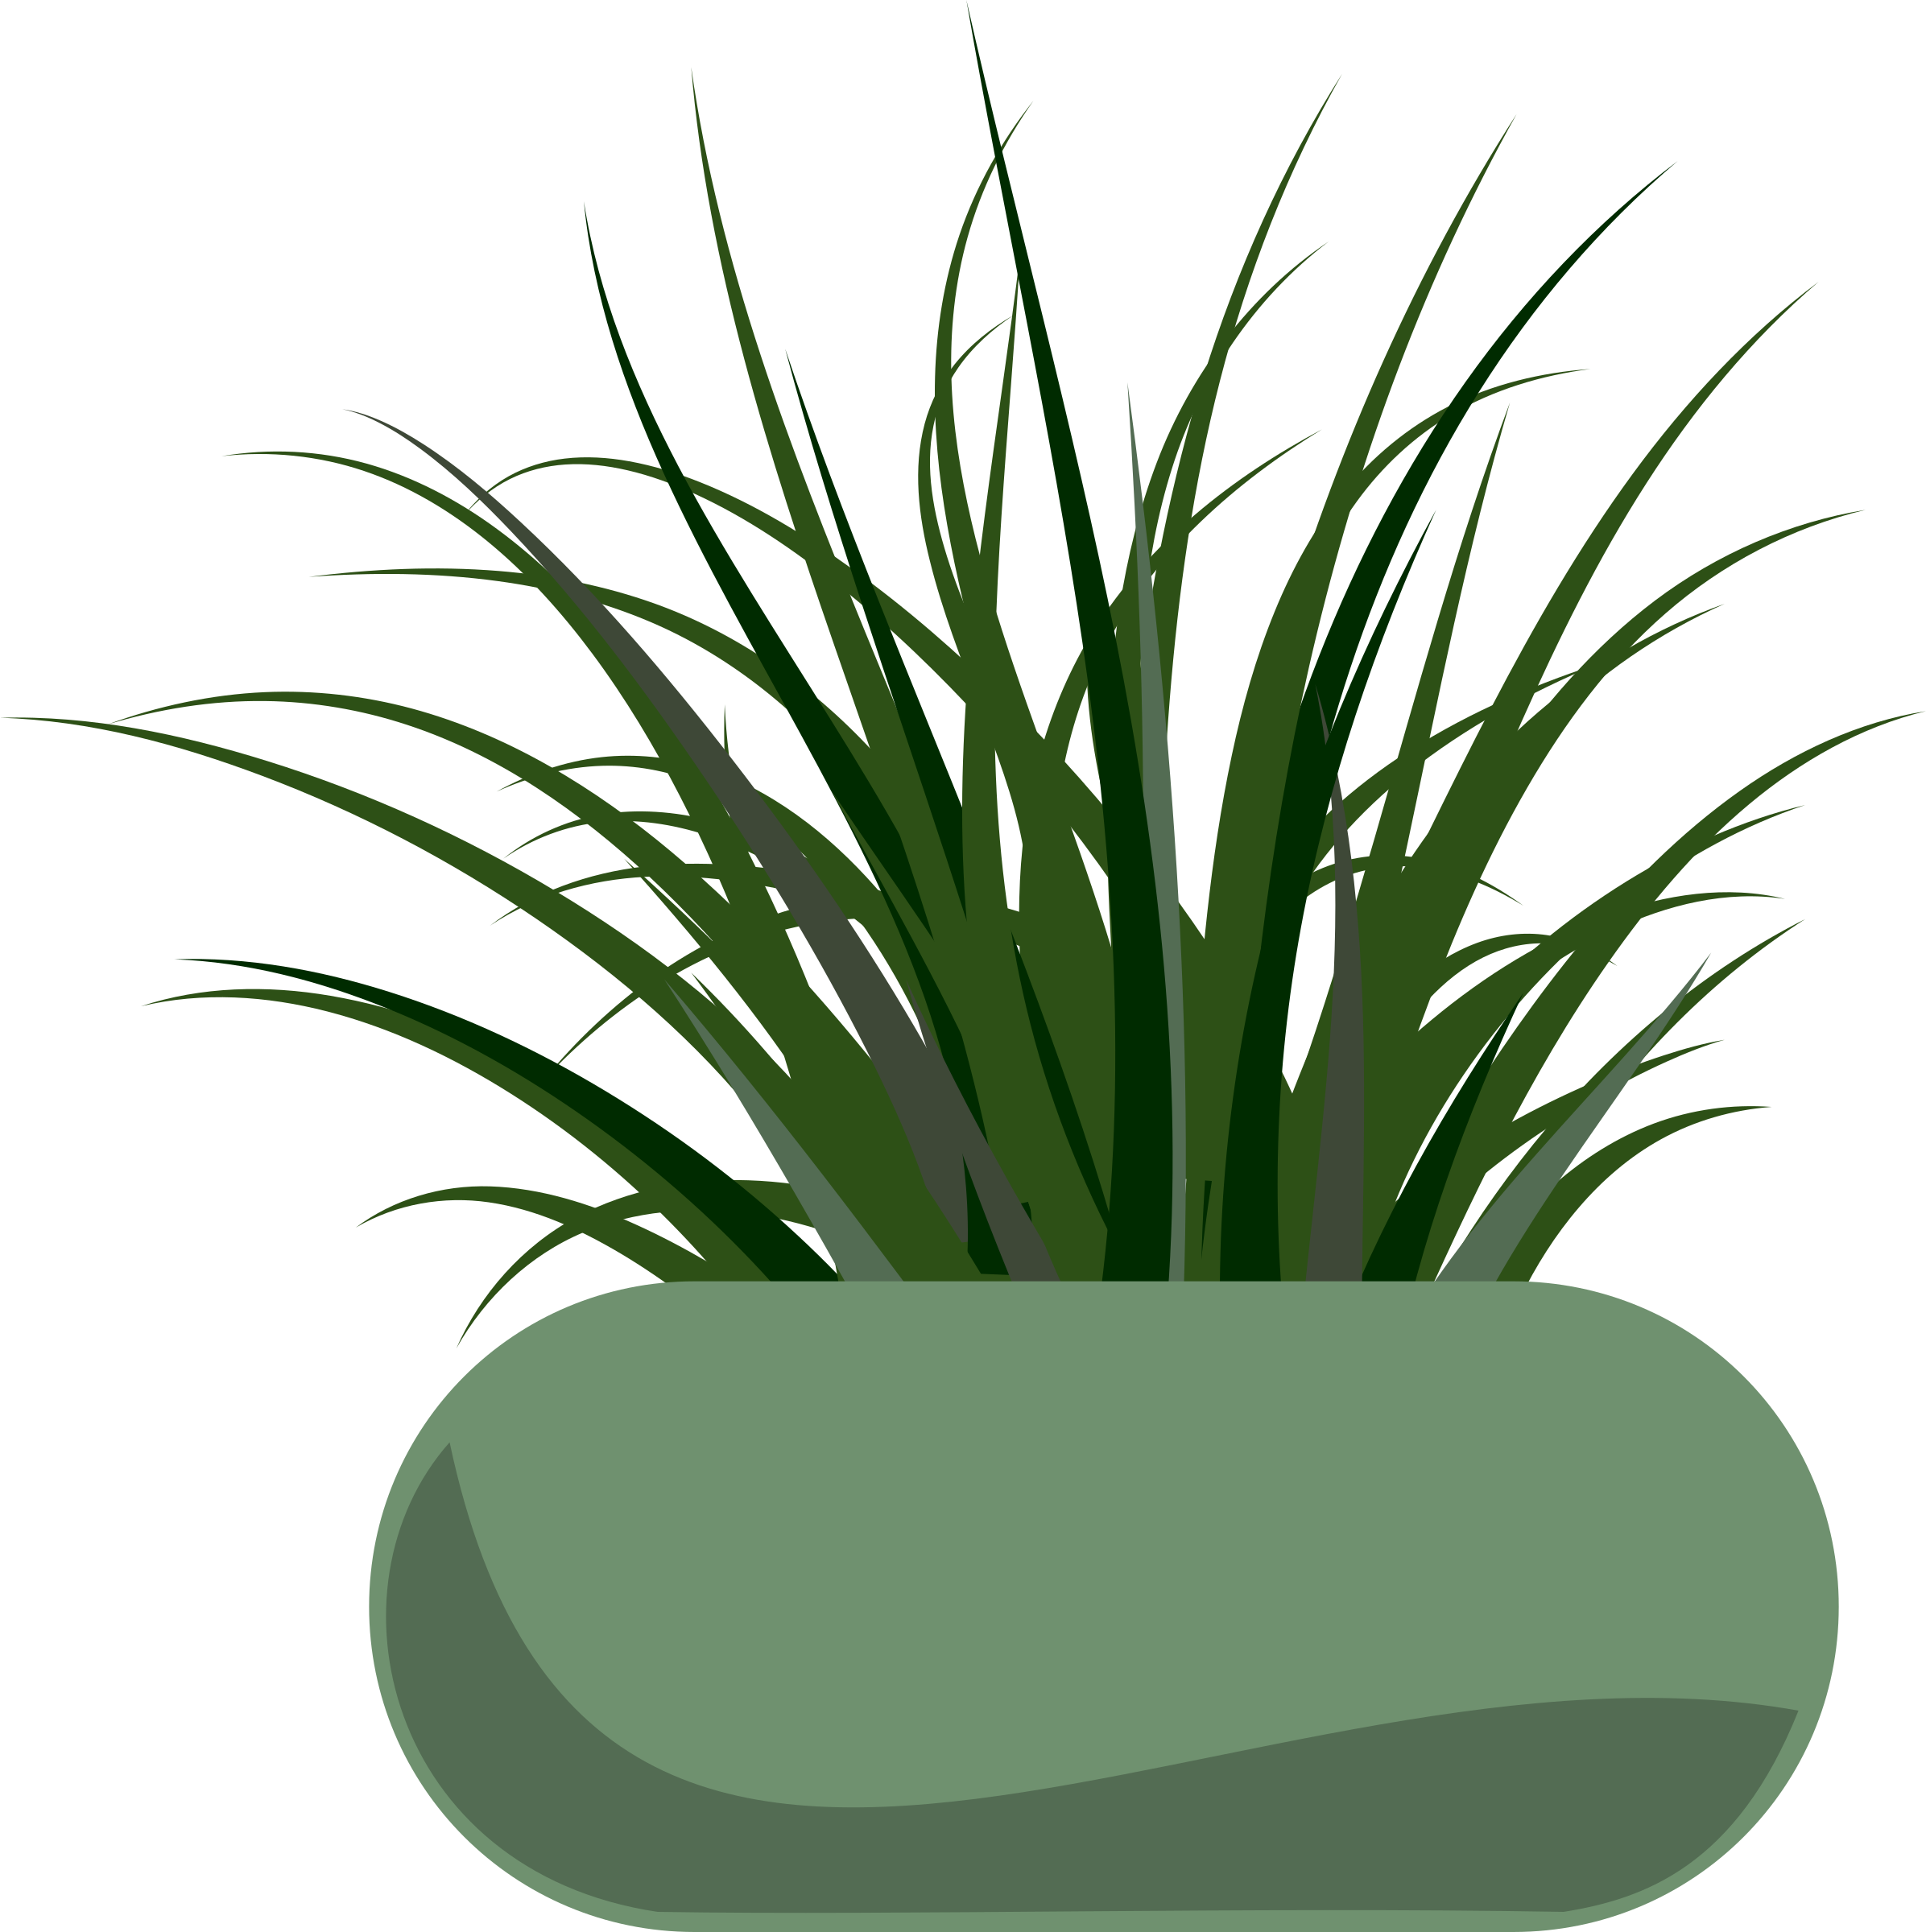 grass clip art. Garden clipart herb garden